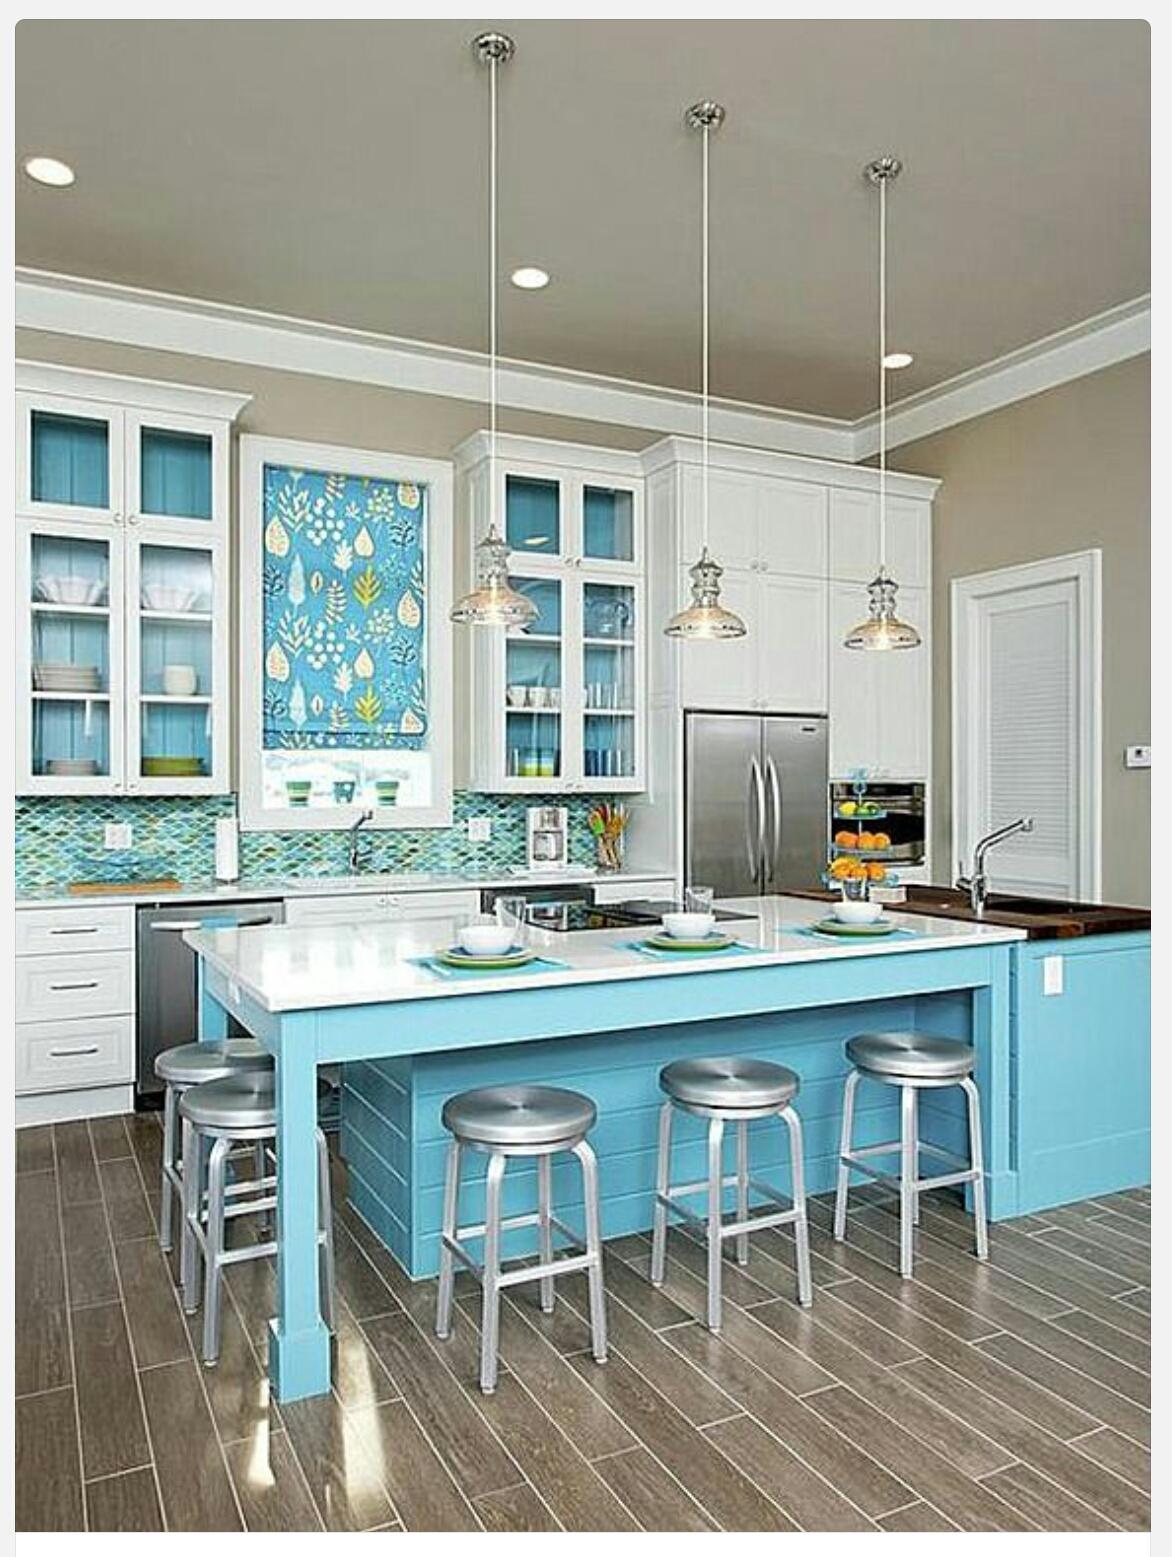 #3C828F  vida Criativa: Decoração : Cozinha Azul para inspirar e sonhar 1172x1557 px A Cozinha Mais Recente Projeta Fotos_836 Imagens